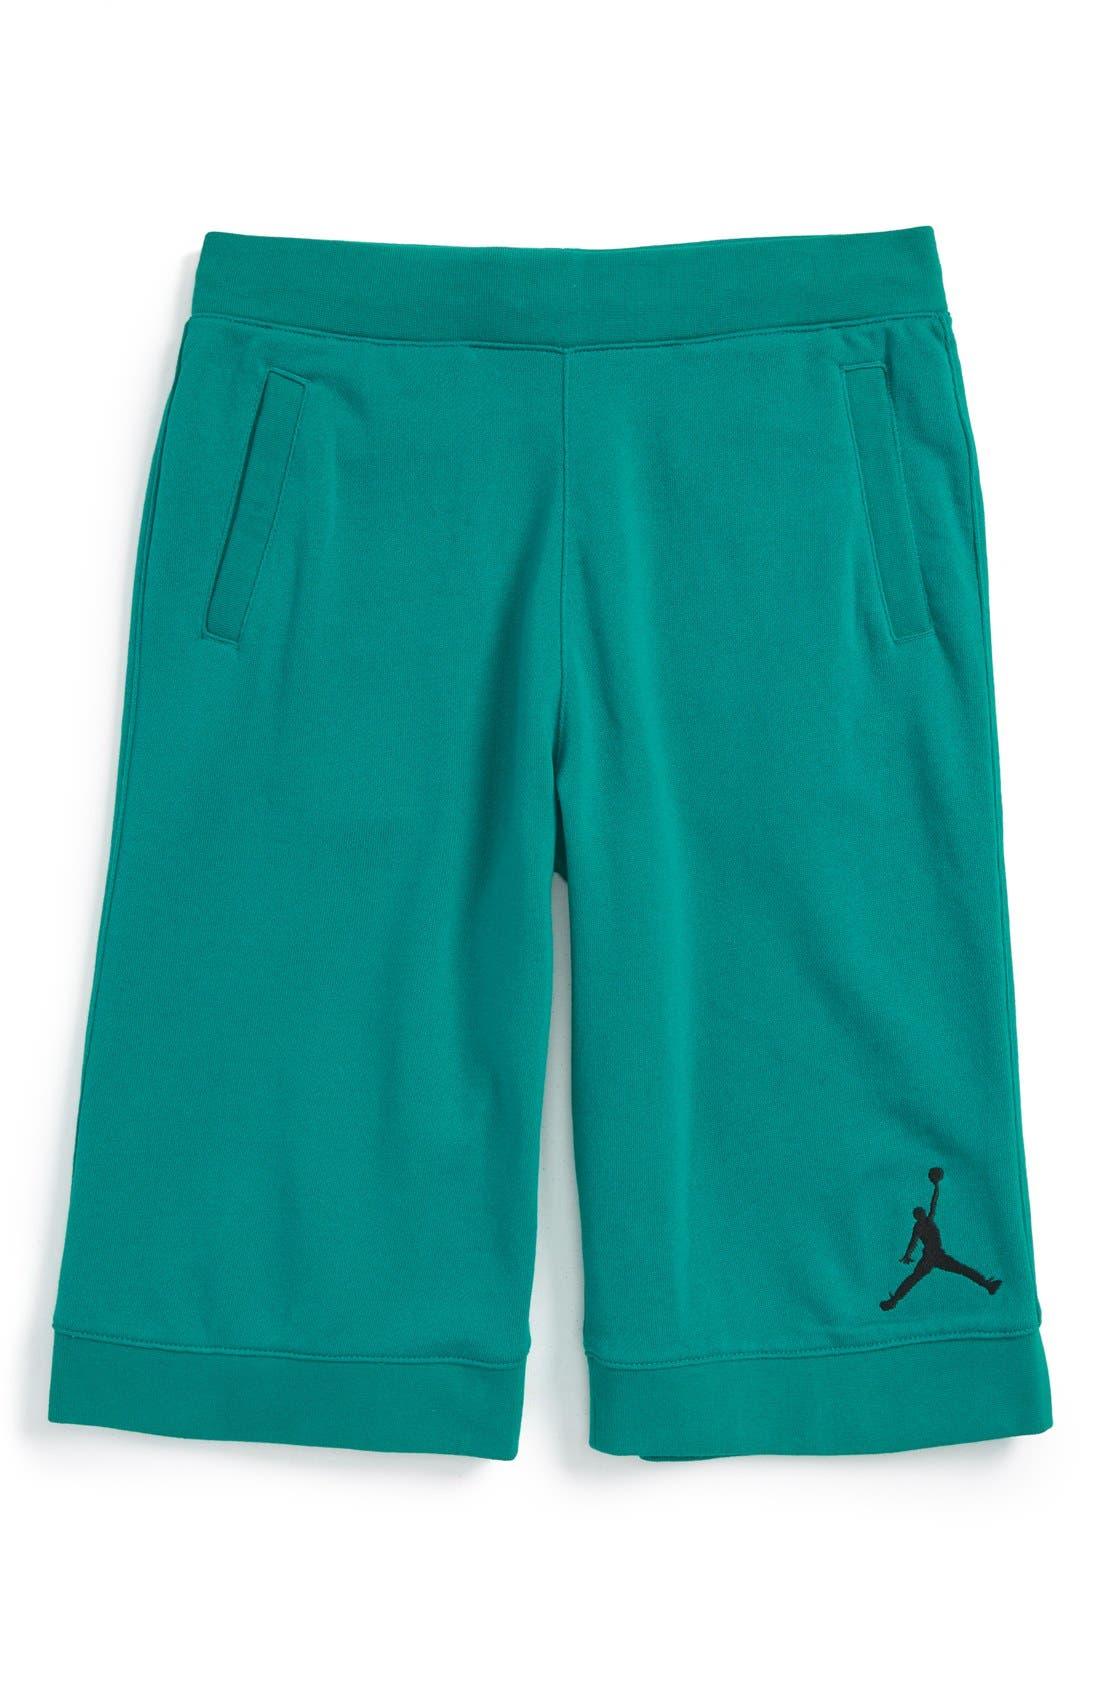 Cotton Blend Shorts,                             Main thumbnail 1, color,                             311